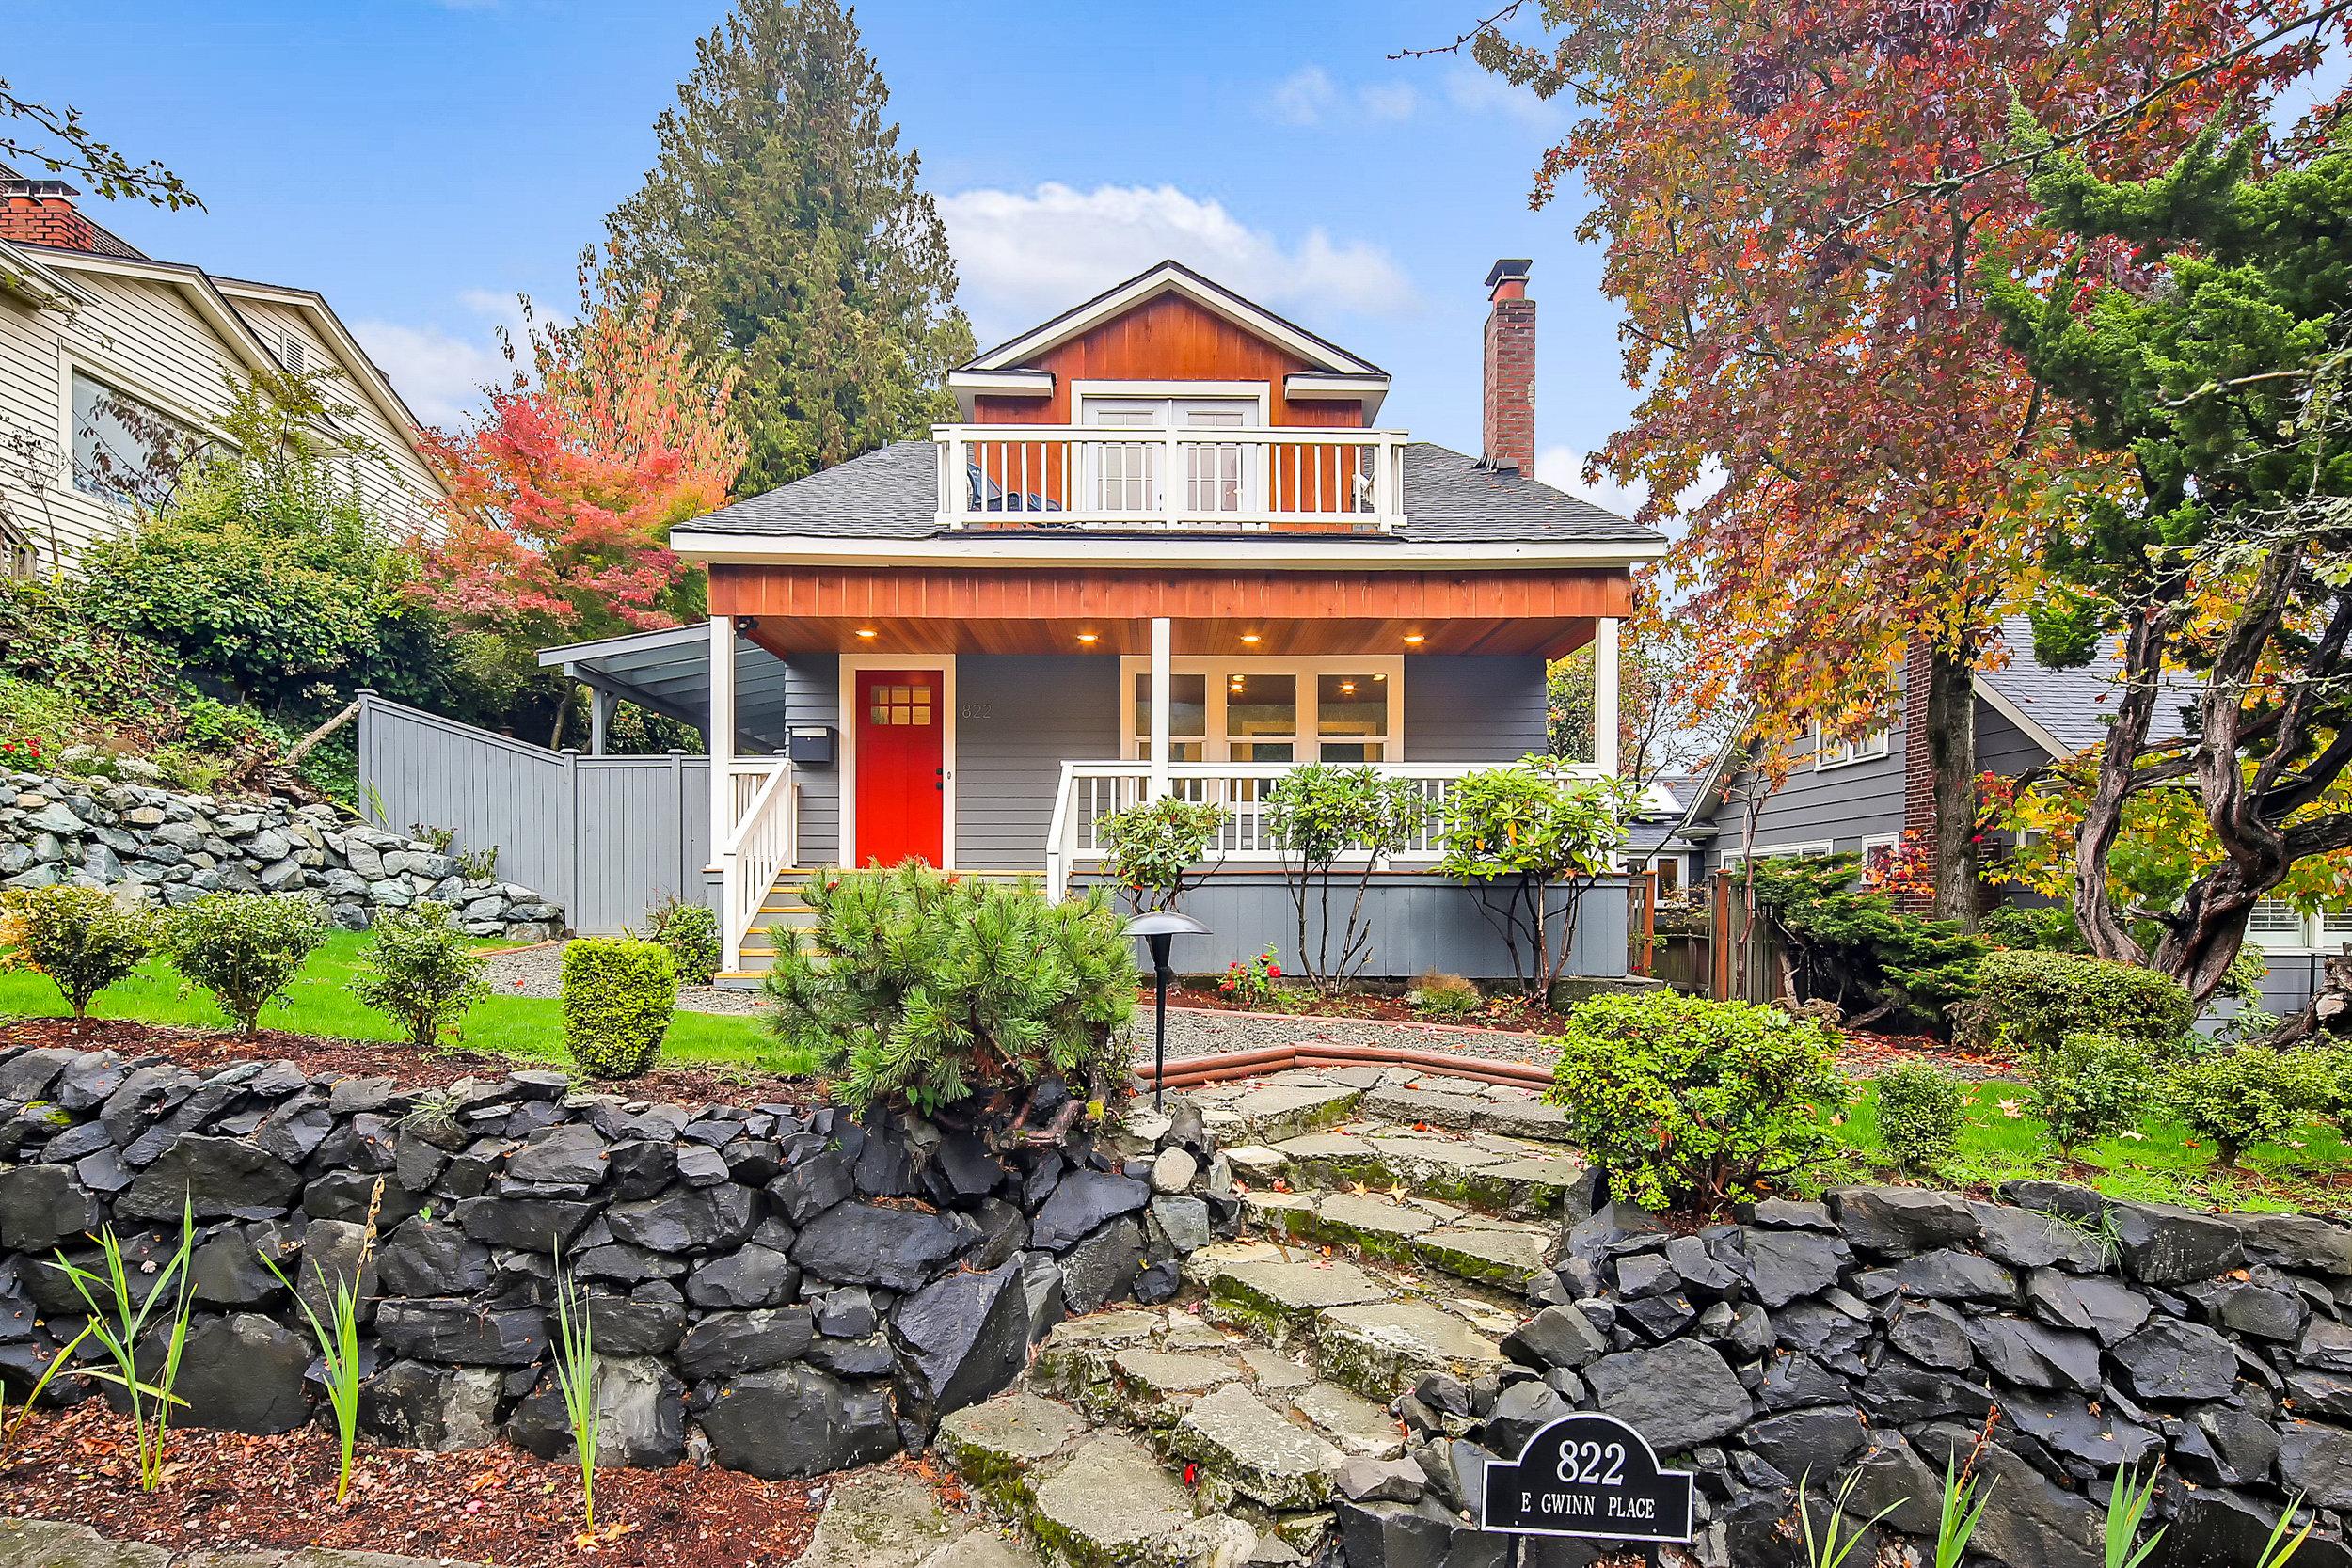 822 E Gwinn Pl · Seattle ·$1,203,500